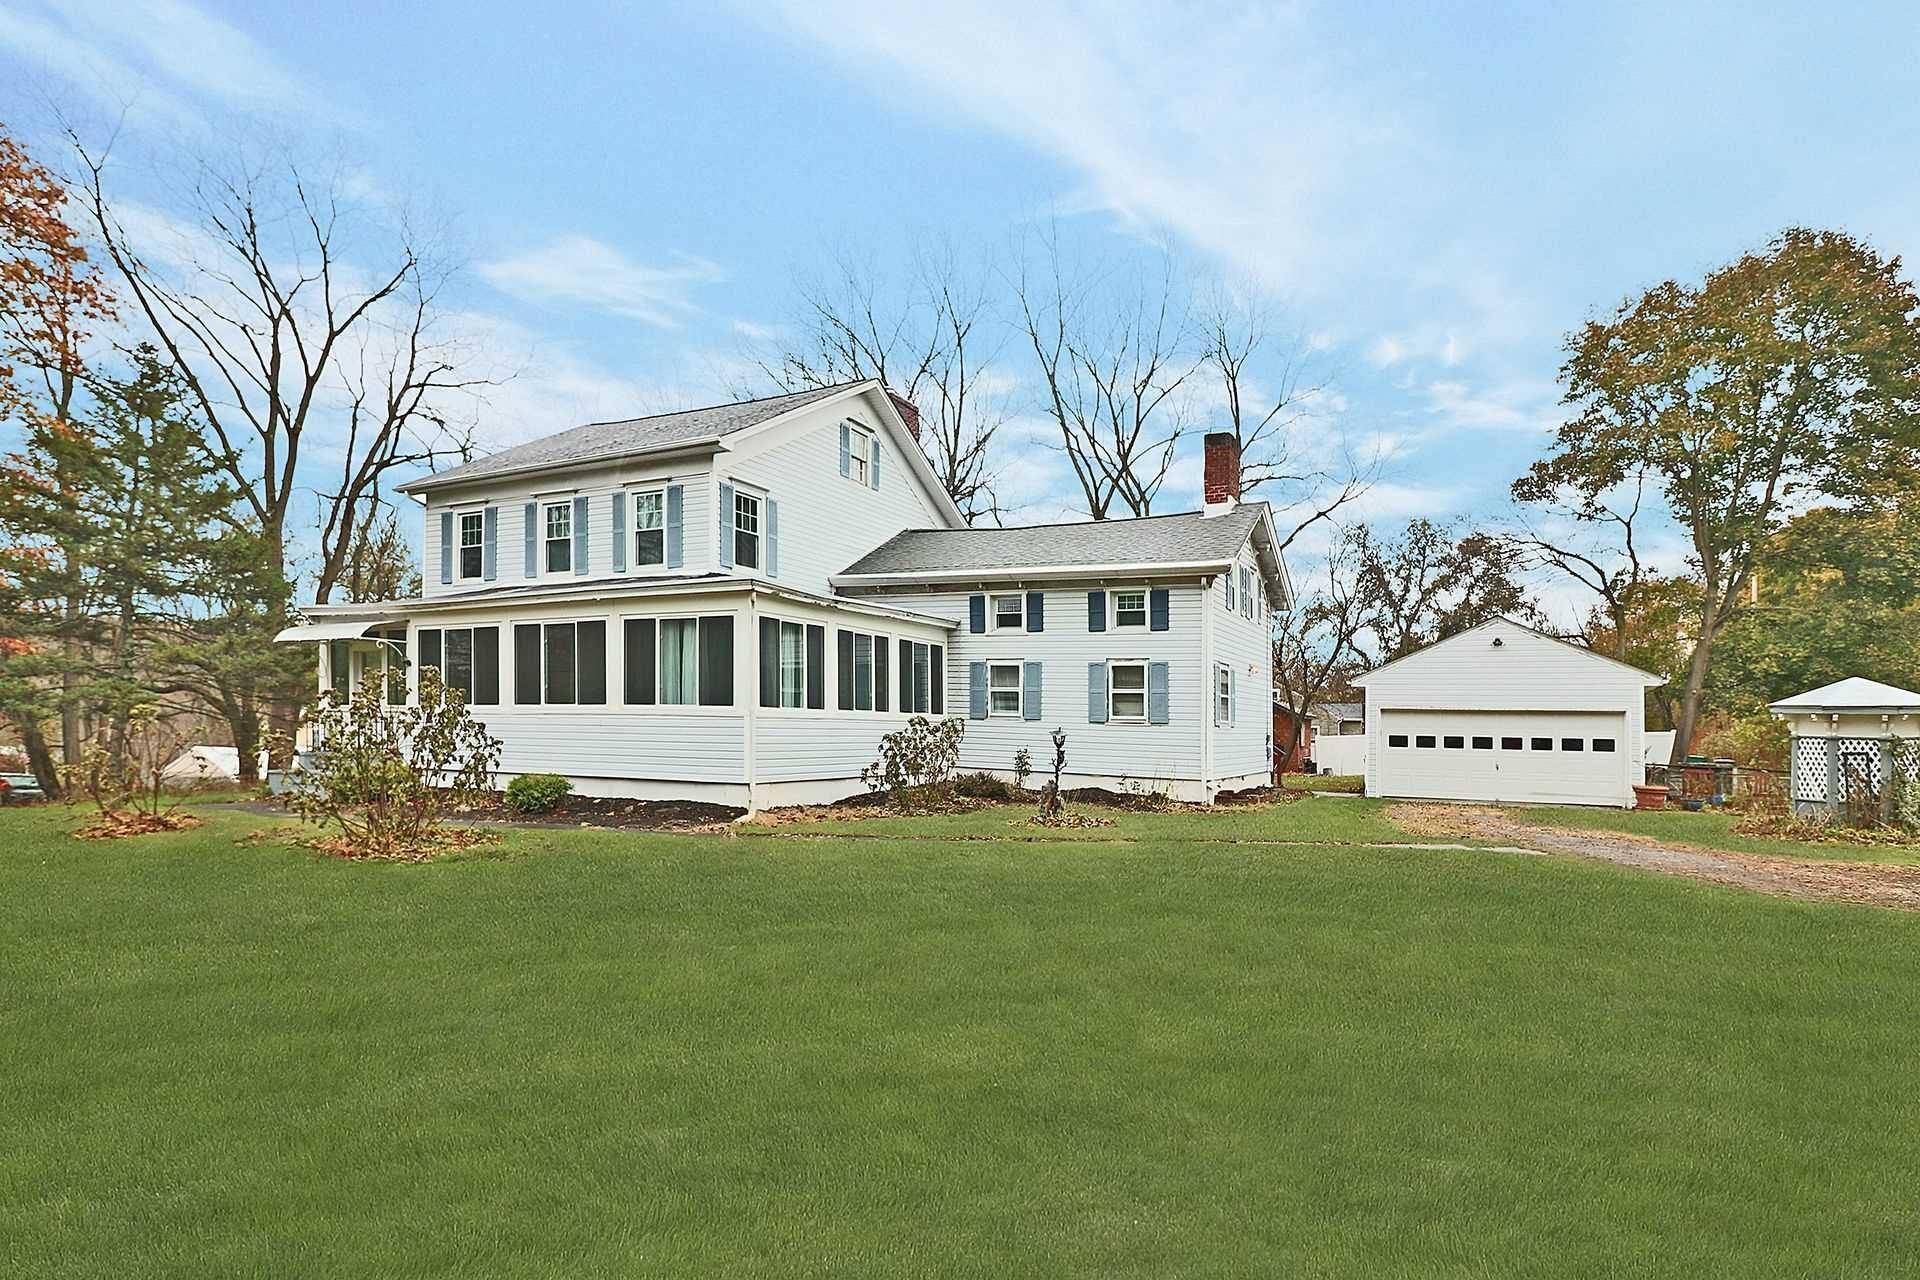 Single Family Home for Sale at 32 OLD GLENHAM Road 32 OLD GLENHAM Road Fishkill, New York 12540 United States